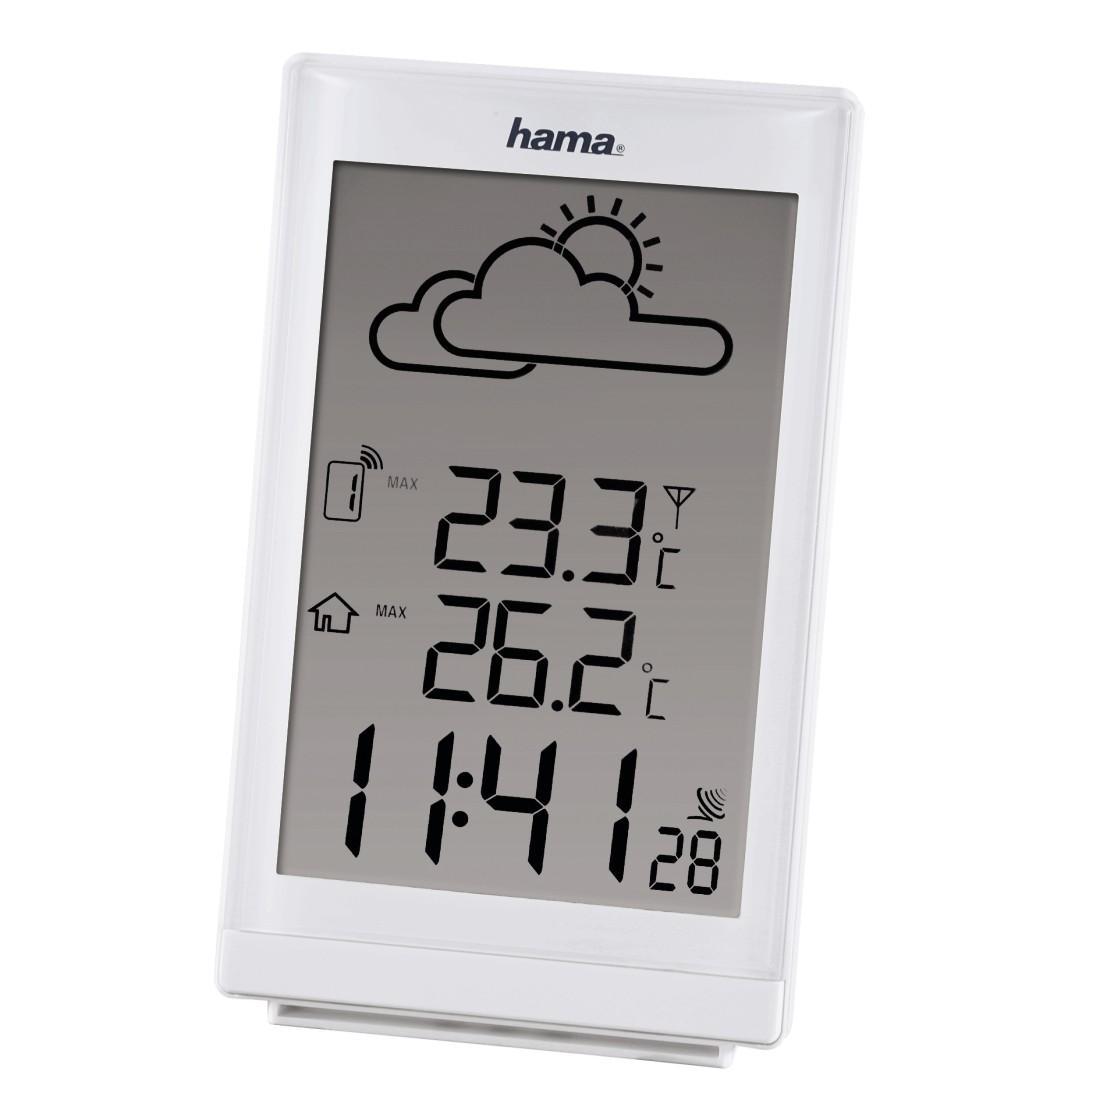 hama ews 880 funk wetterstation funkuhr wecker thermometer frostalarm und wettervorhersage. Black Bedroom Furniture Sets. Home Design Ideas